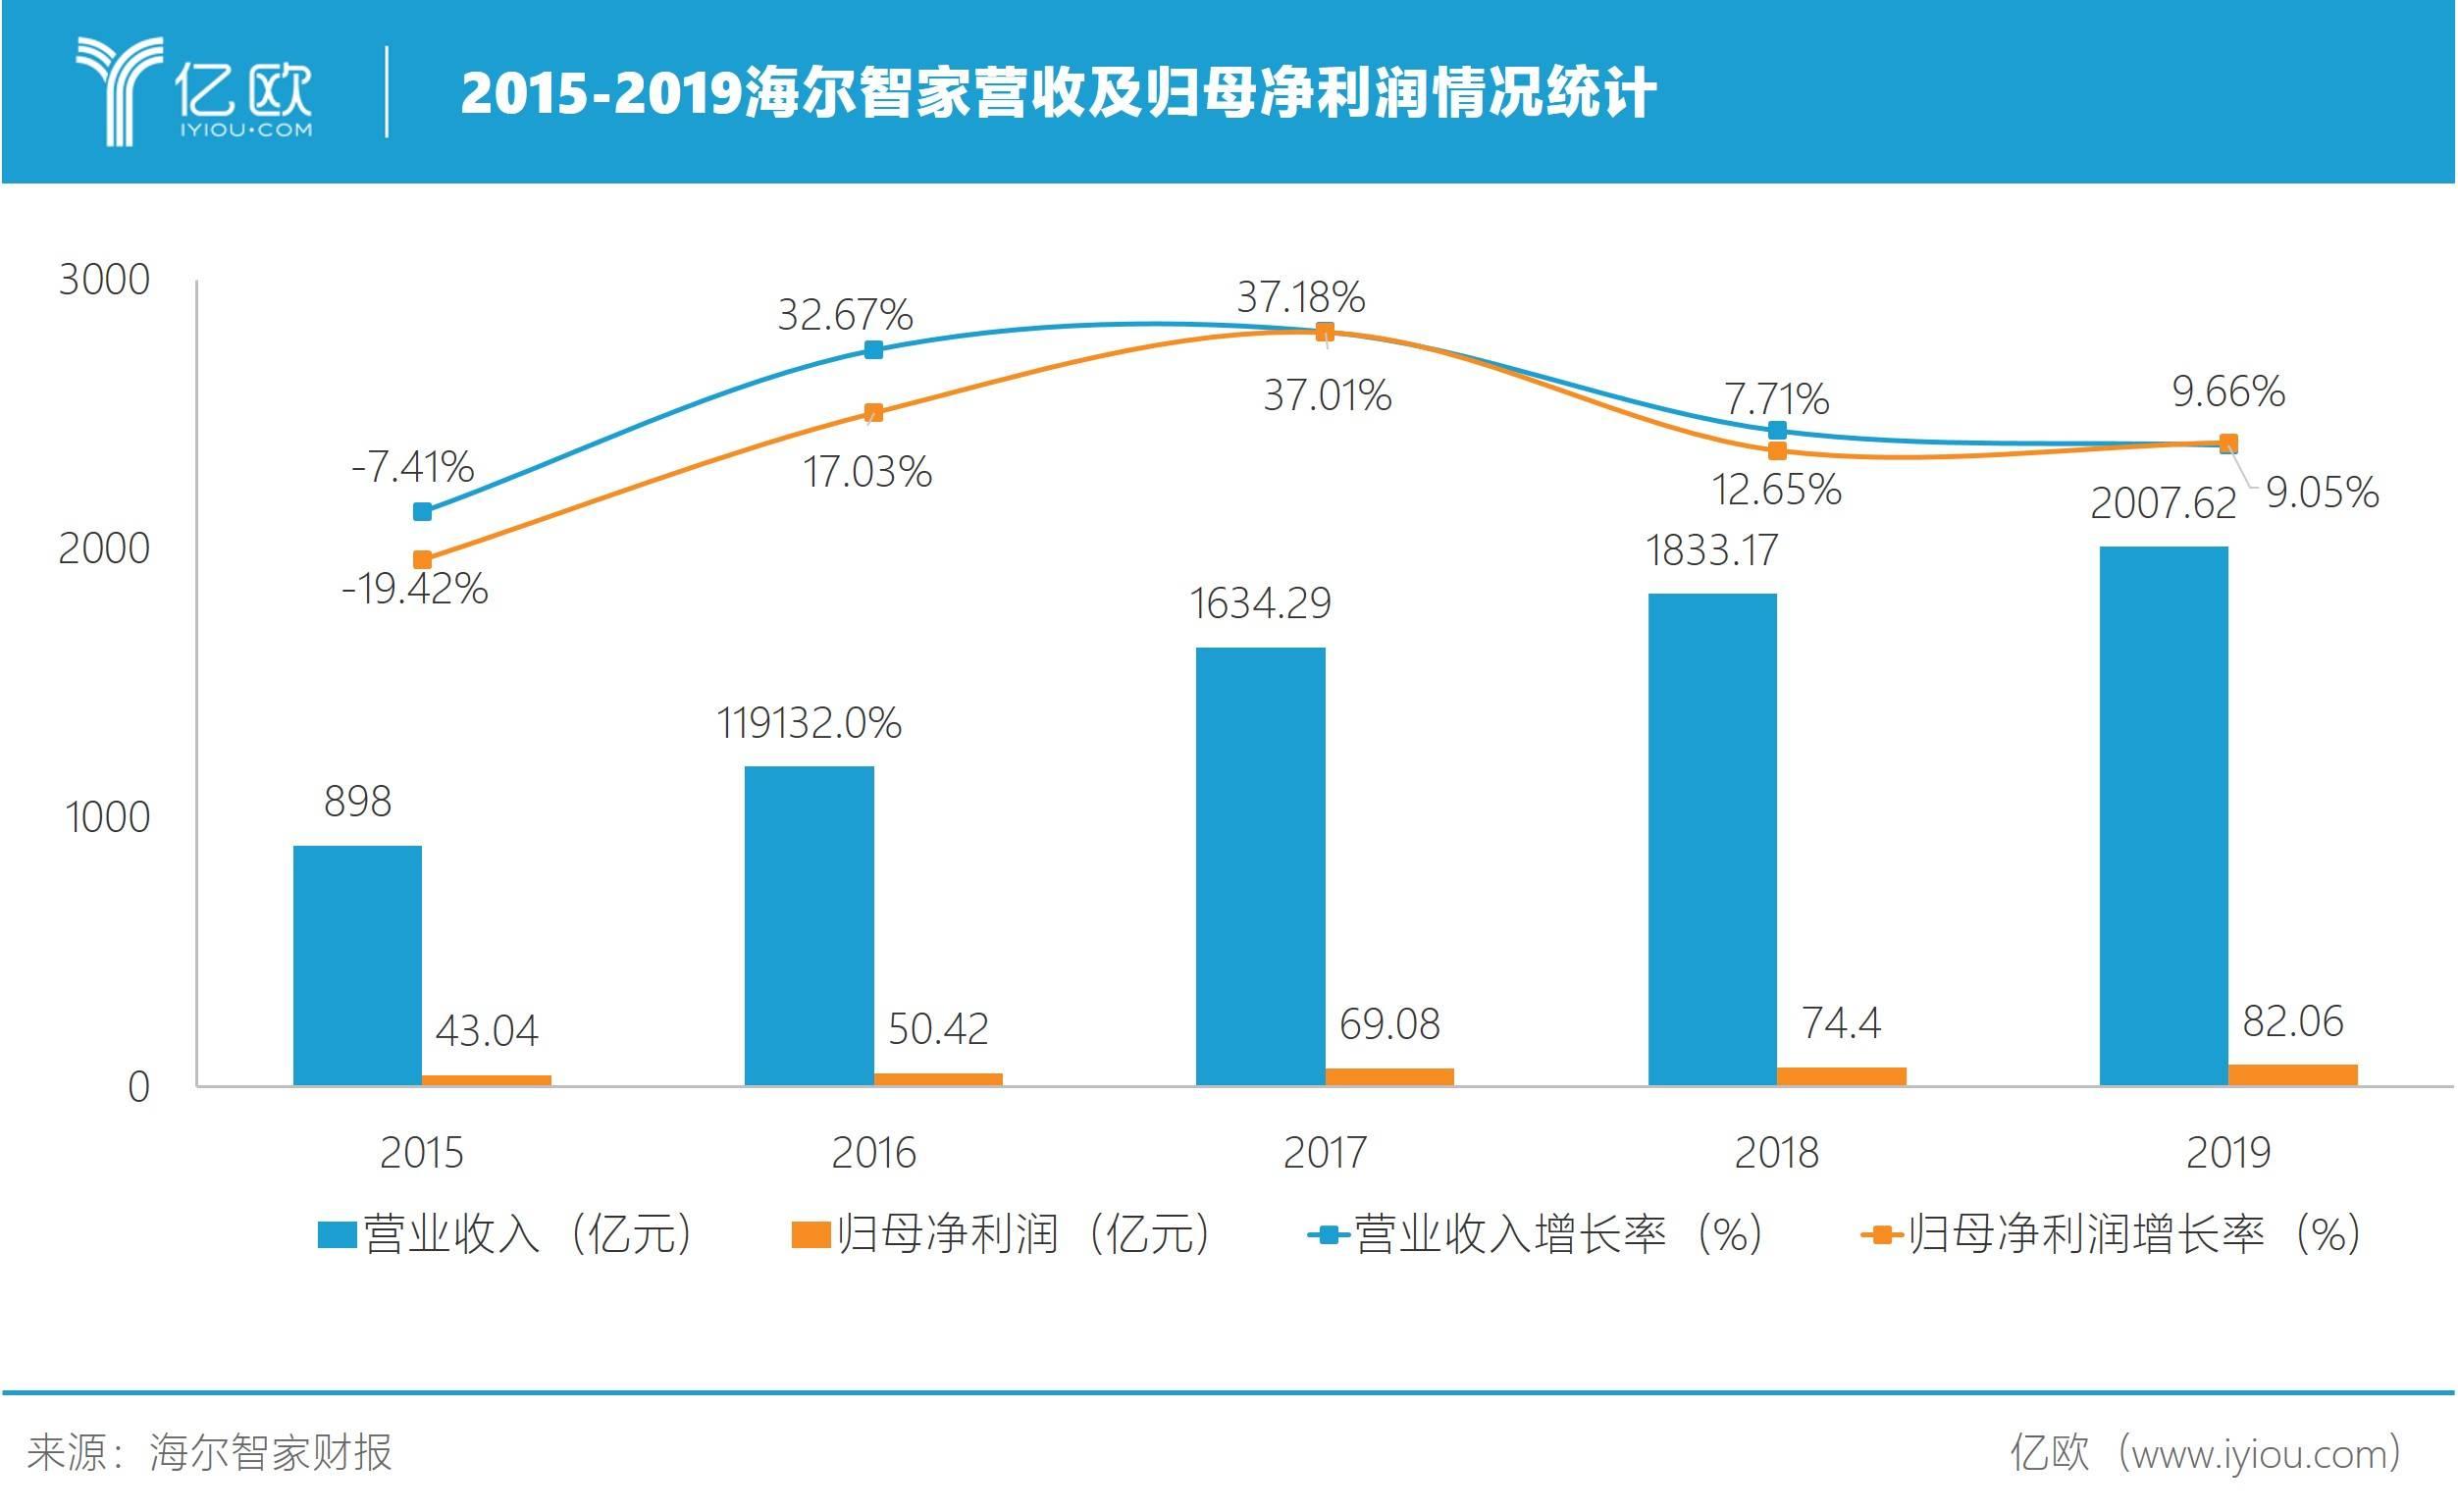 2015-2019海尔智家营收及归母净利润情况统计